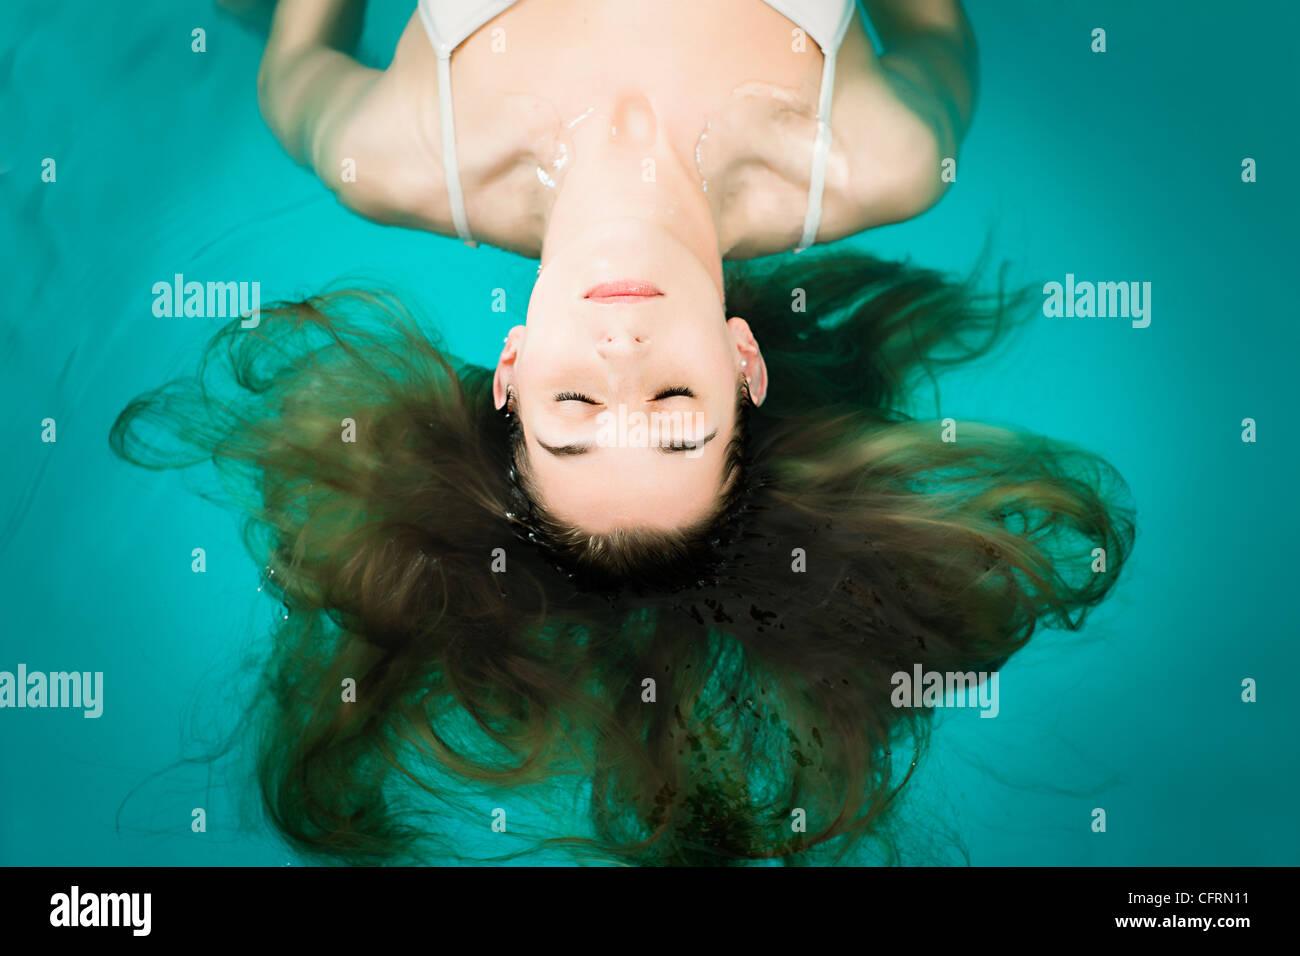 Bien-être - jeune femme flottant dans un spa ou une piscine, elle est très détendue Photo Stock